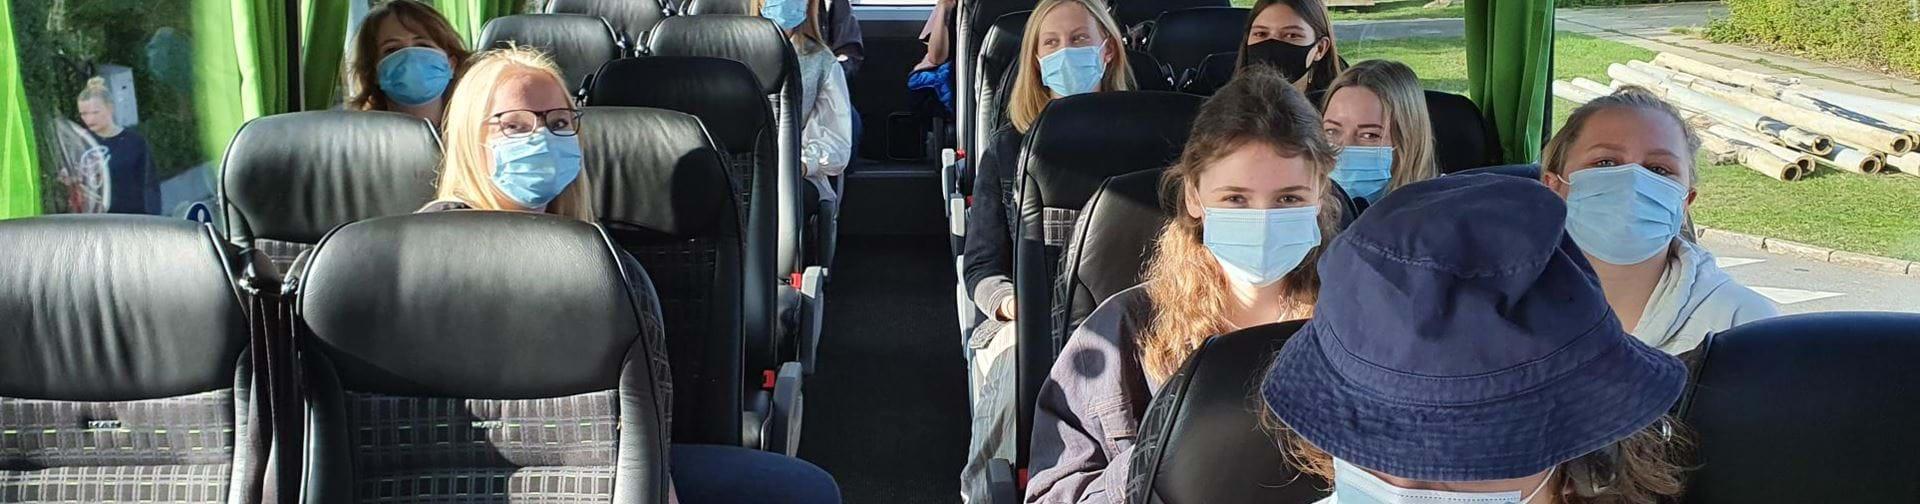 Elever med mundbind på i en bus på vej på tur